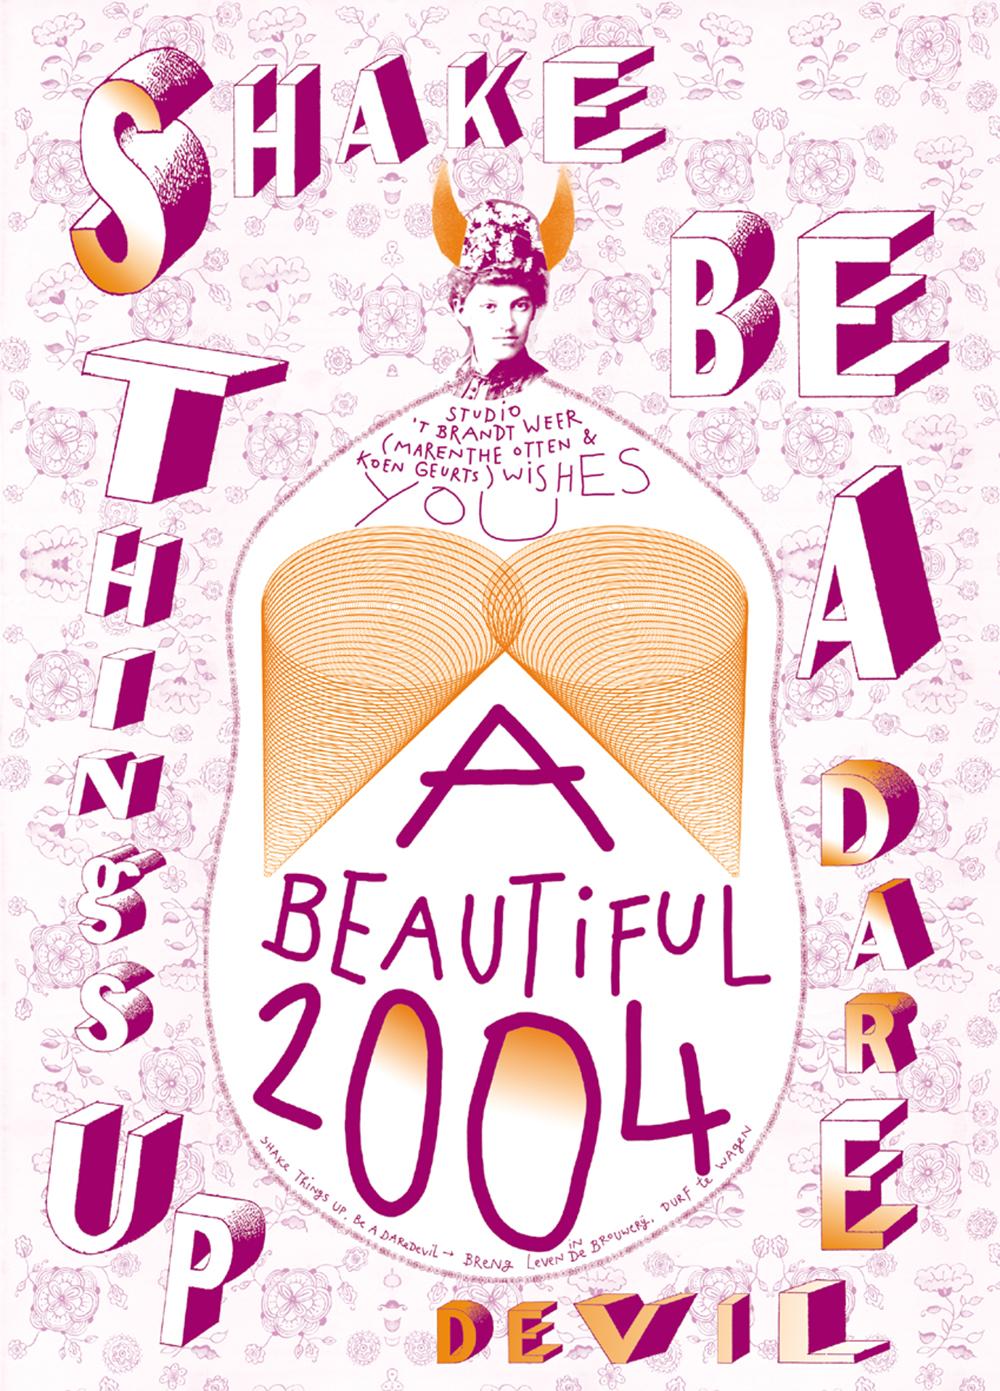 Poster Studio 't Brandt Weer by Marenthe.jpg